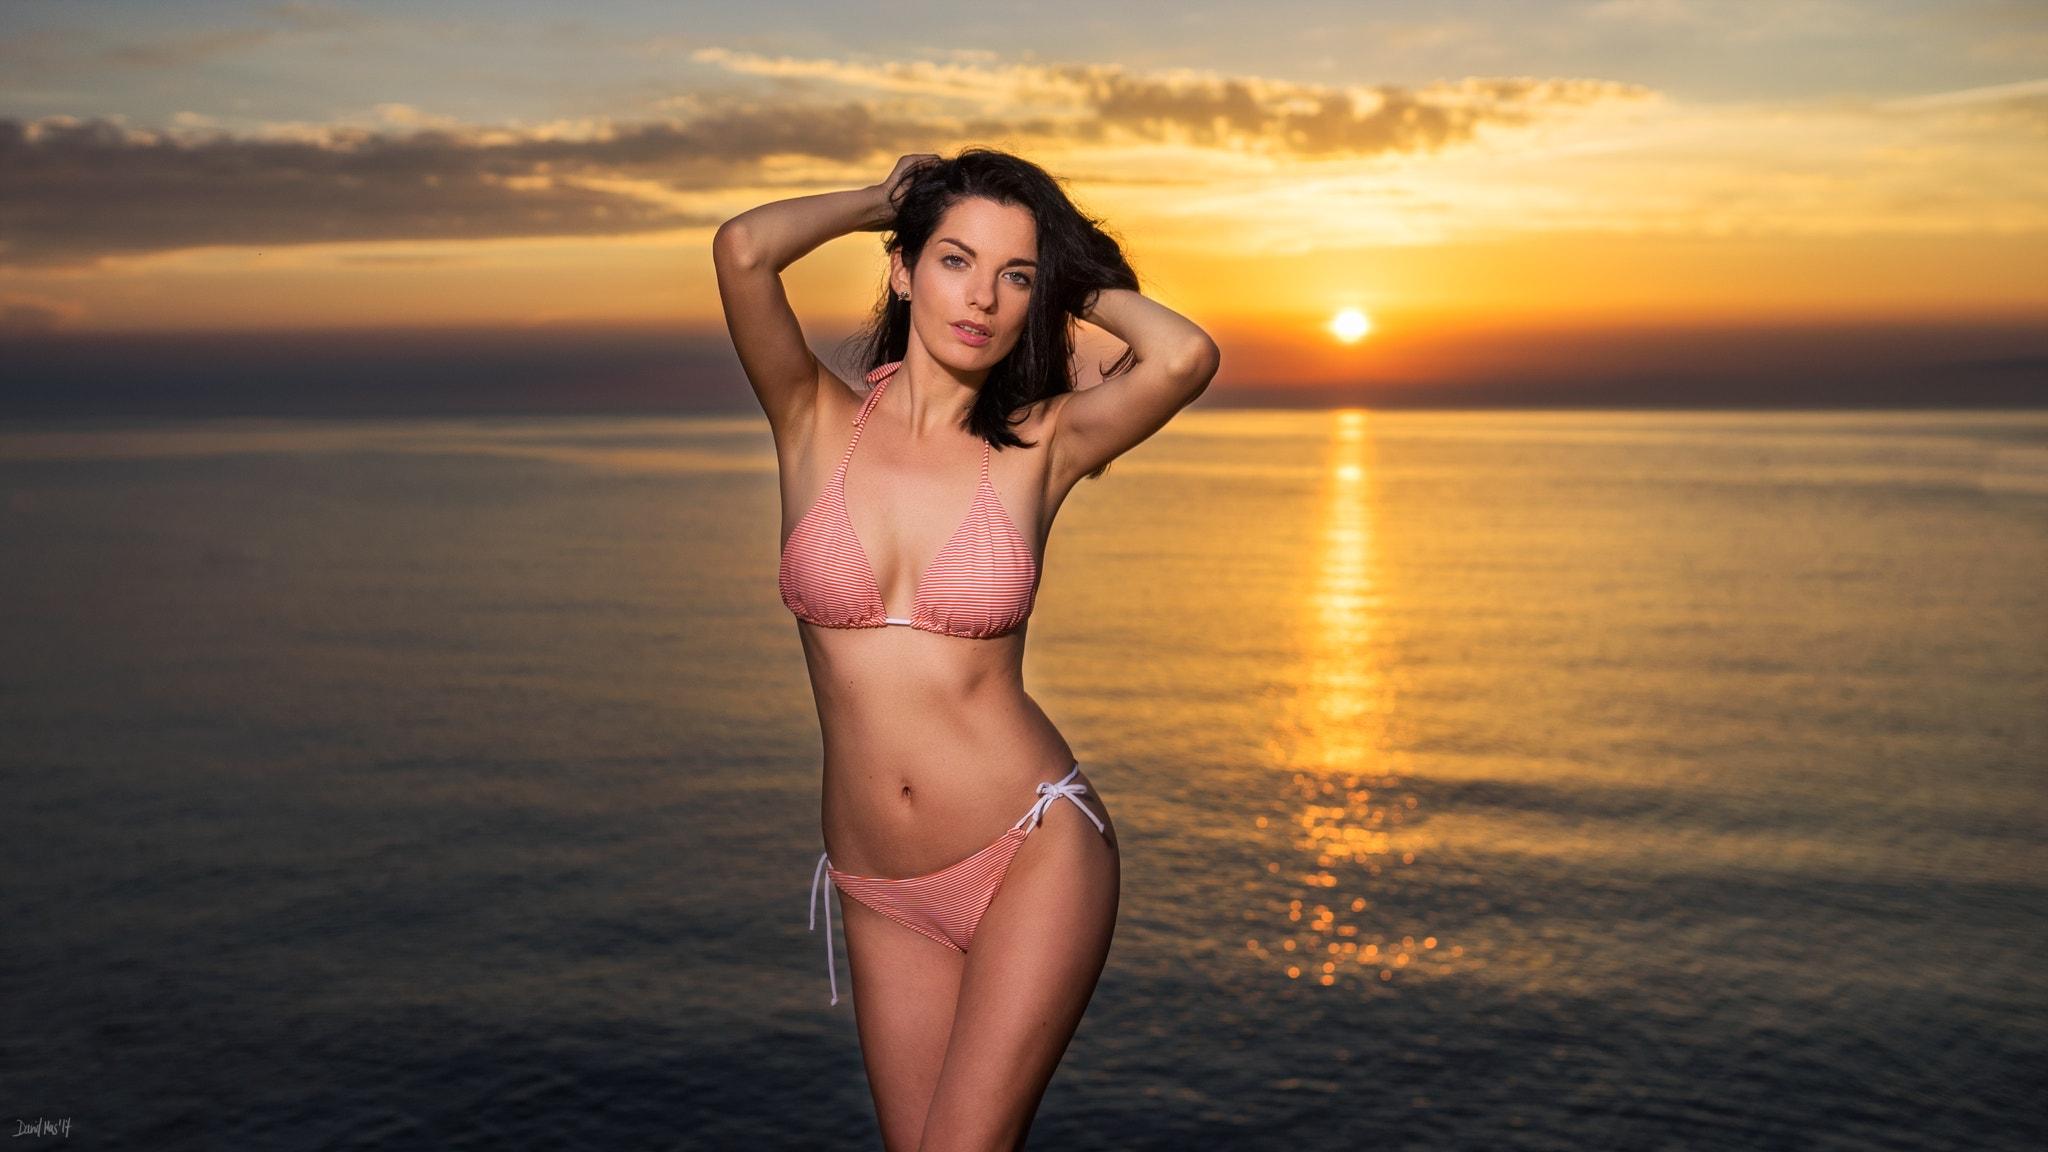 Фото женщин в купальниках смотреть онлайн бесплатно, Девушки в микро и экстрим бикини -фото 15 фотография